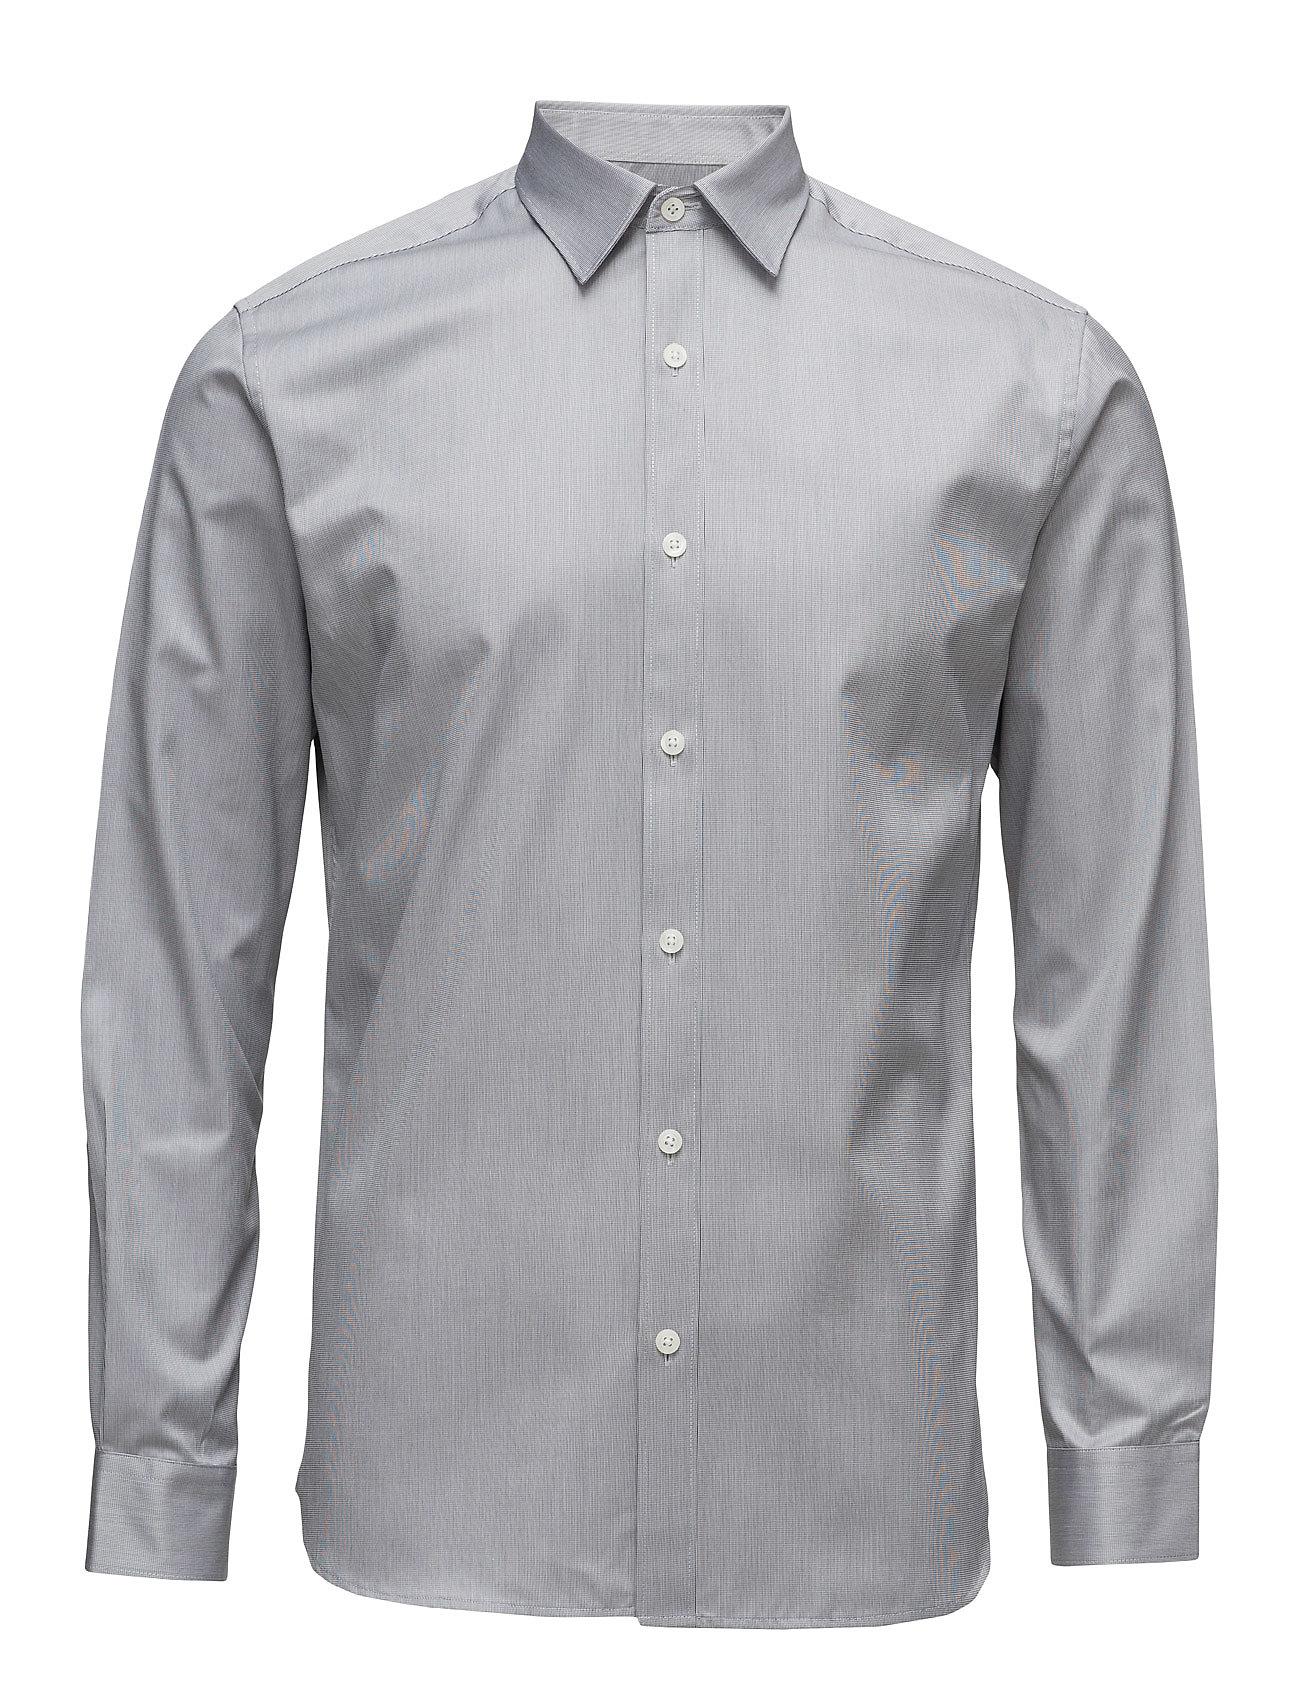 Shdone-Pellesantiago Shirt Ls  Noos Selected Homme Business til Herrer i Grey Melange